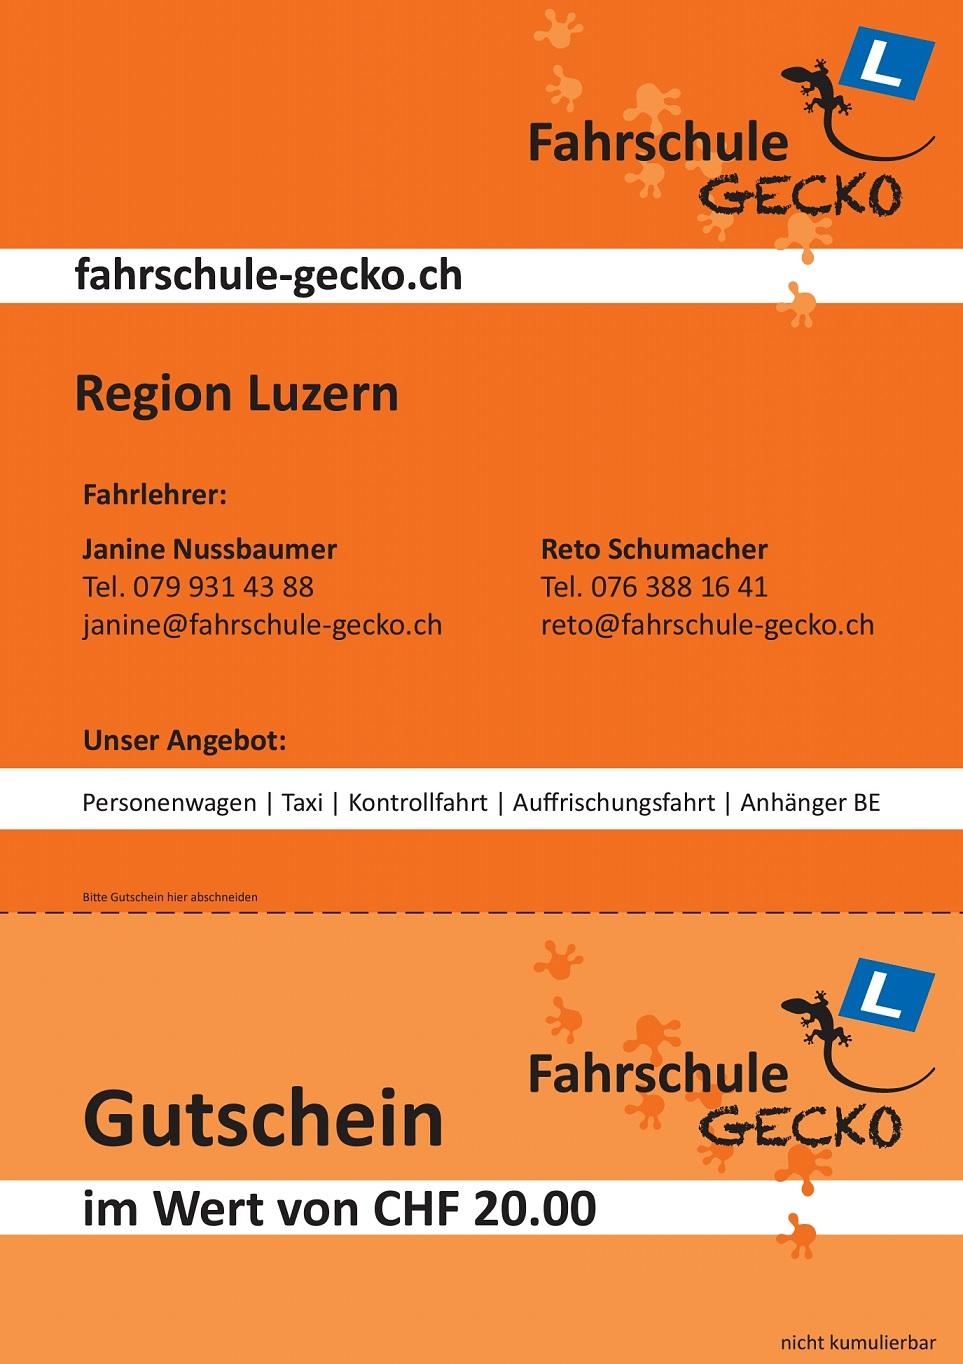 Bilder fahrschule-gecko.ch